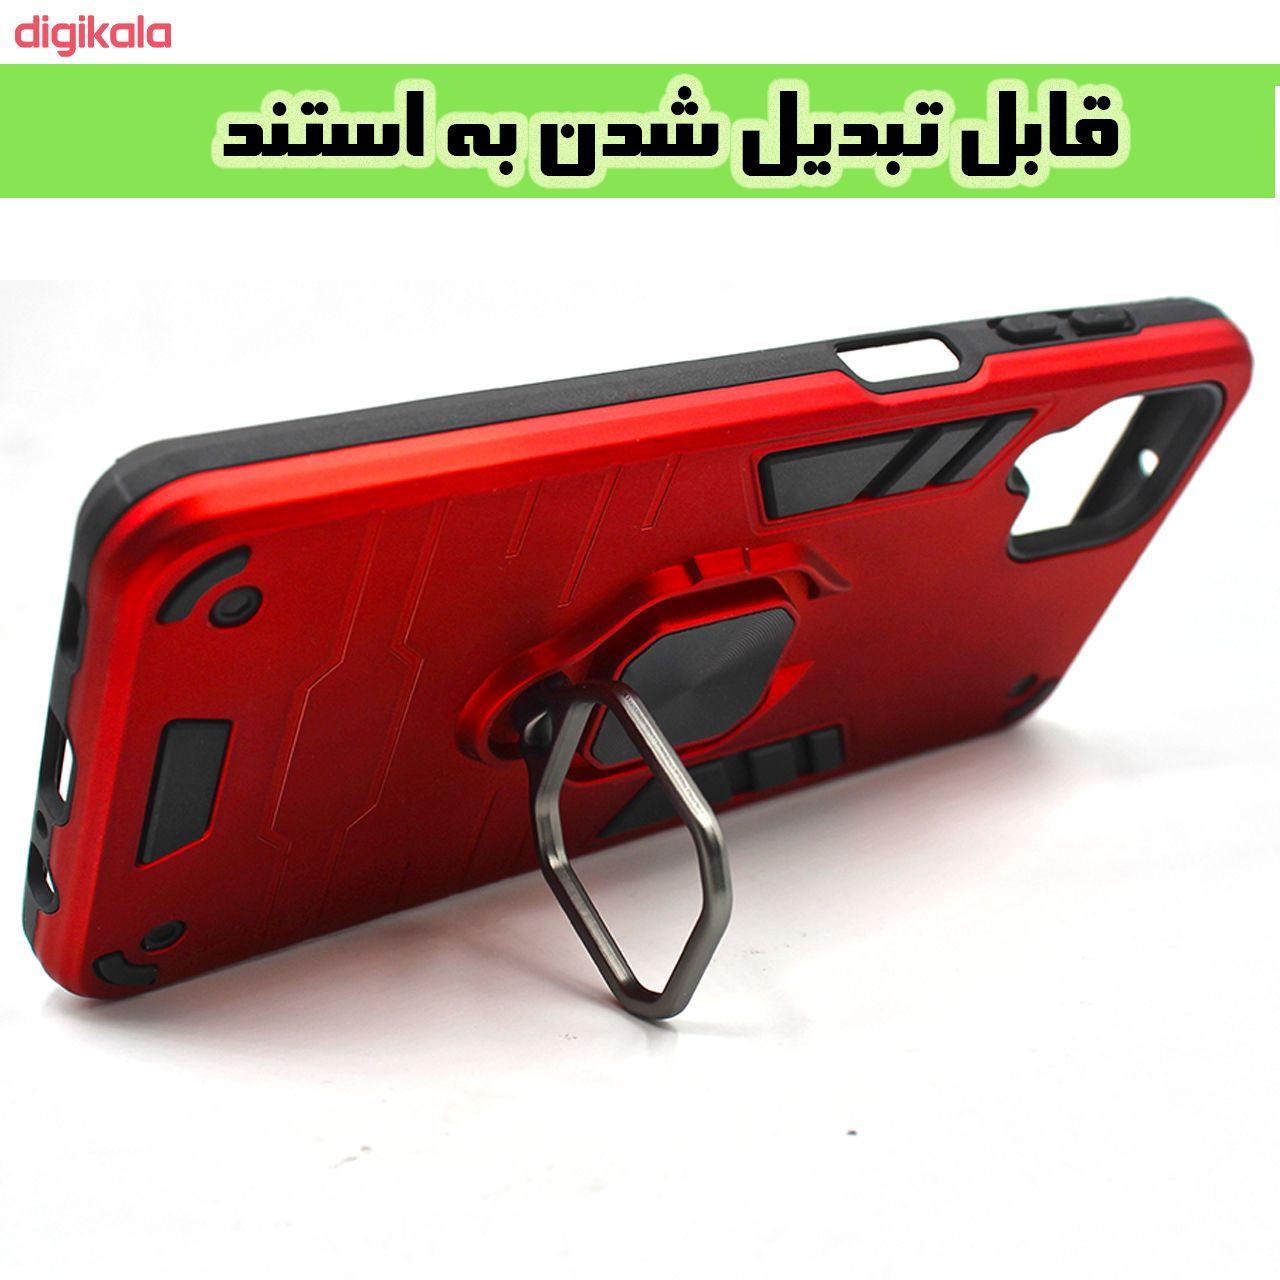 کاور کینگ پاور مدل ASH22 مناسب برای گوشی موبایل سامسونگ Galaxy A12 main 1 10